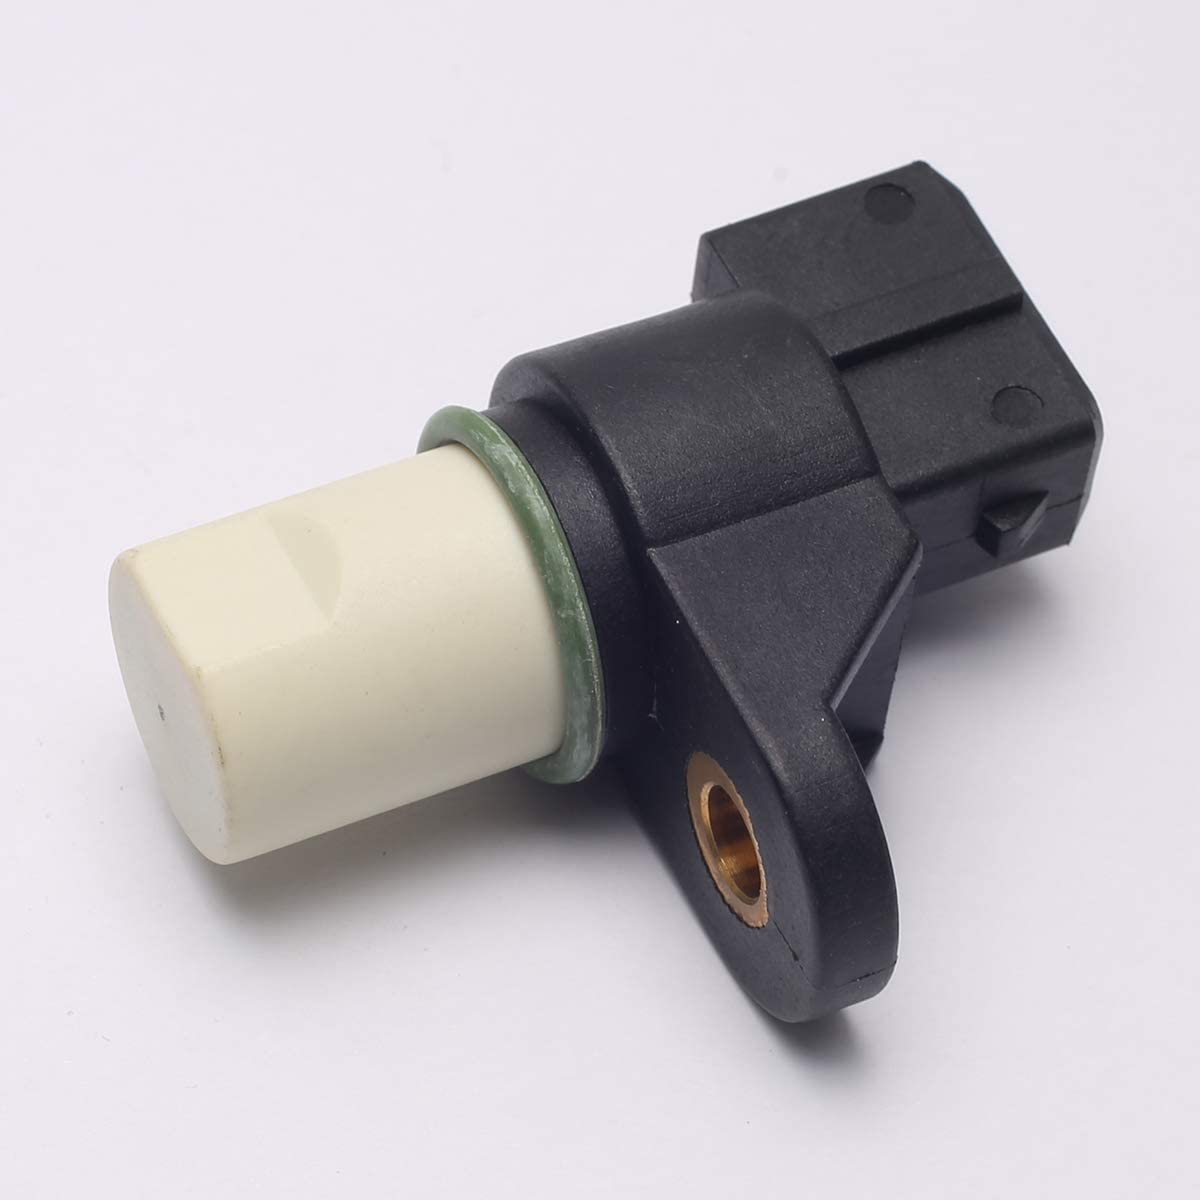 PeakCar 39180-23500 Crankshaft Position Sensor Compatible with Hyundai Elantra Tiburon Tucson//Spectra 5 Sportage Soul Replace Part PC528 5S1778 SU5876 3918023910 2CRK0035 1800551 S10123 EH0224